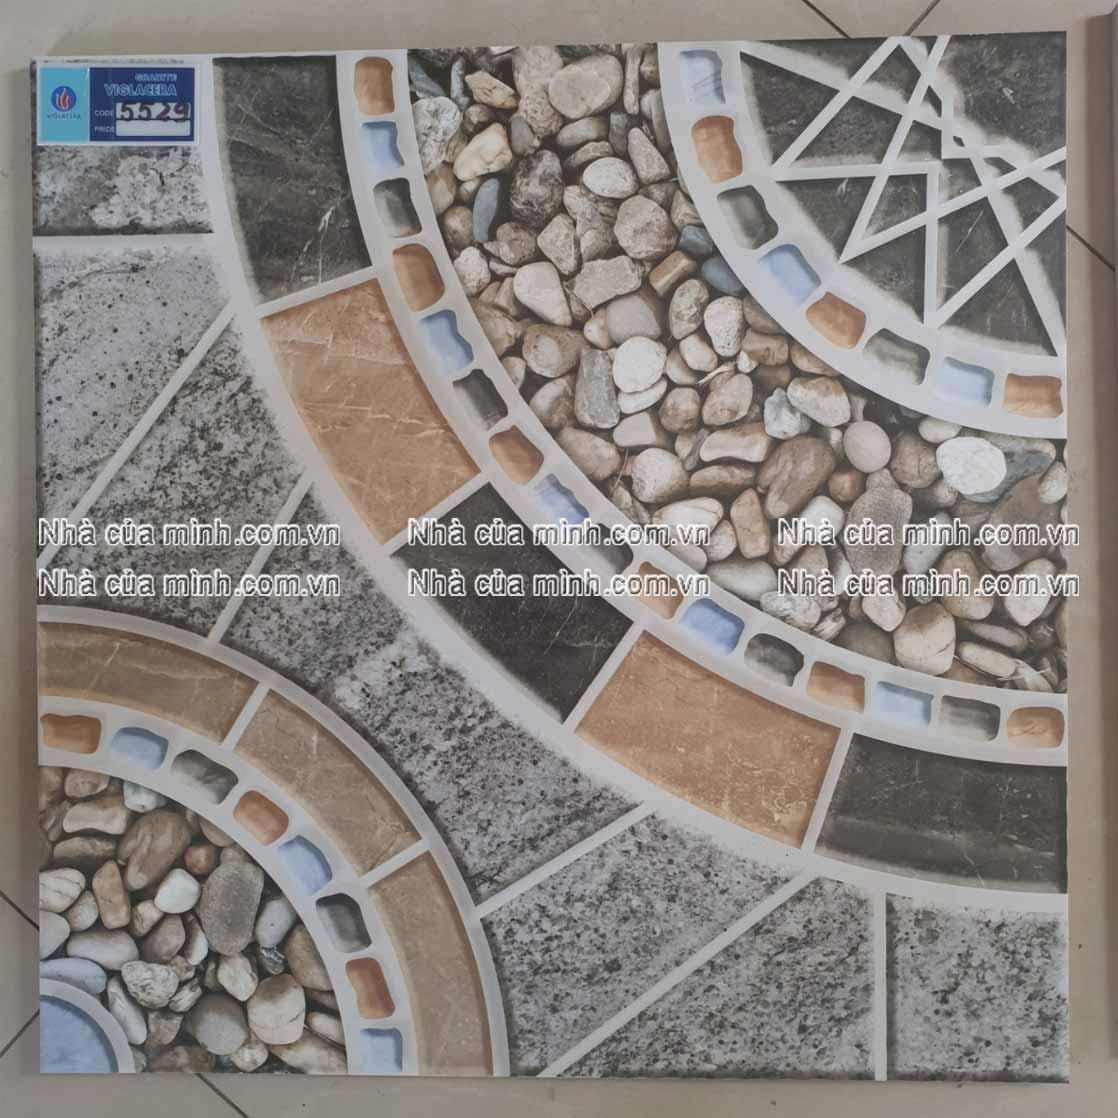 Gạch lát sân vườn Viglacera SV 5529 giá rẻ